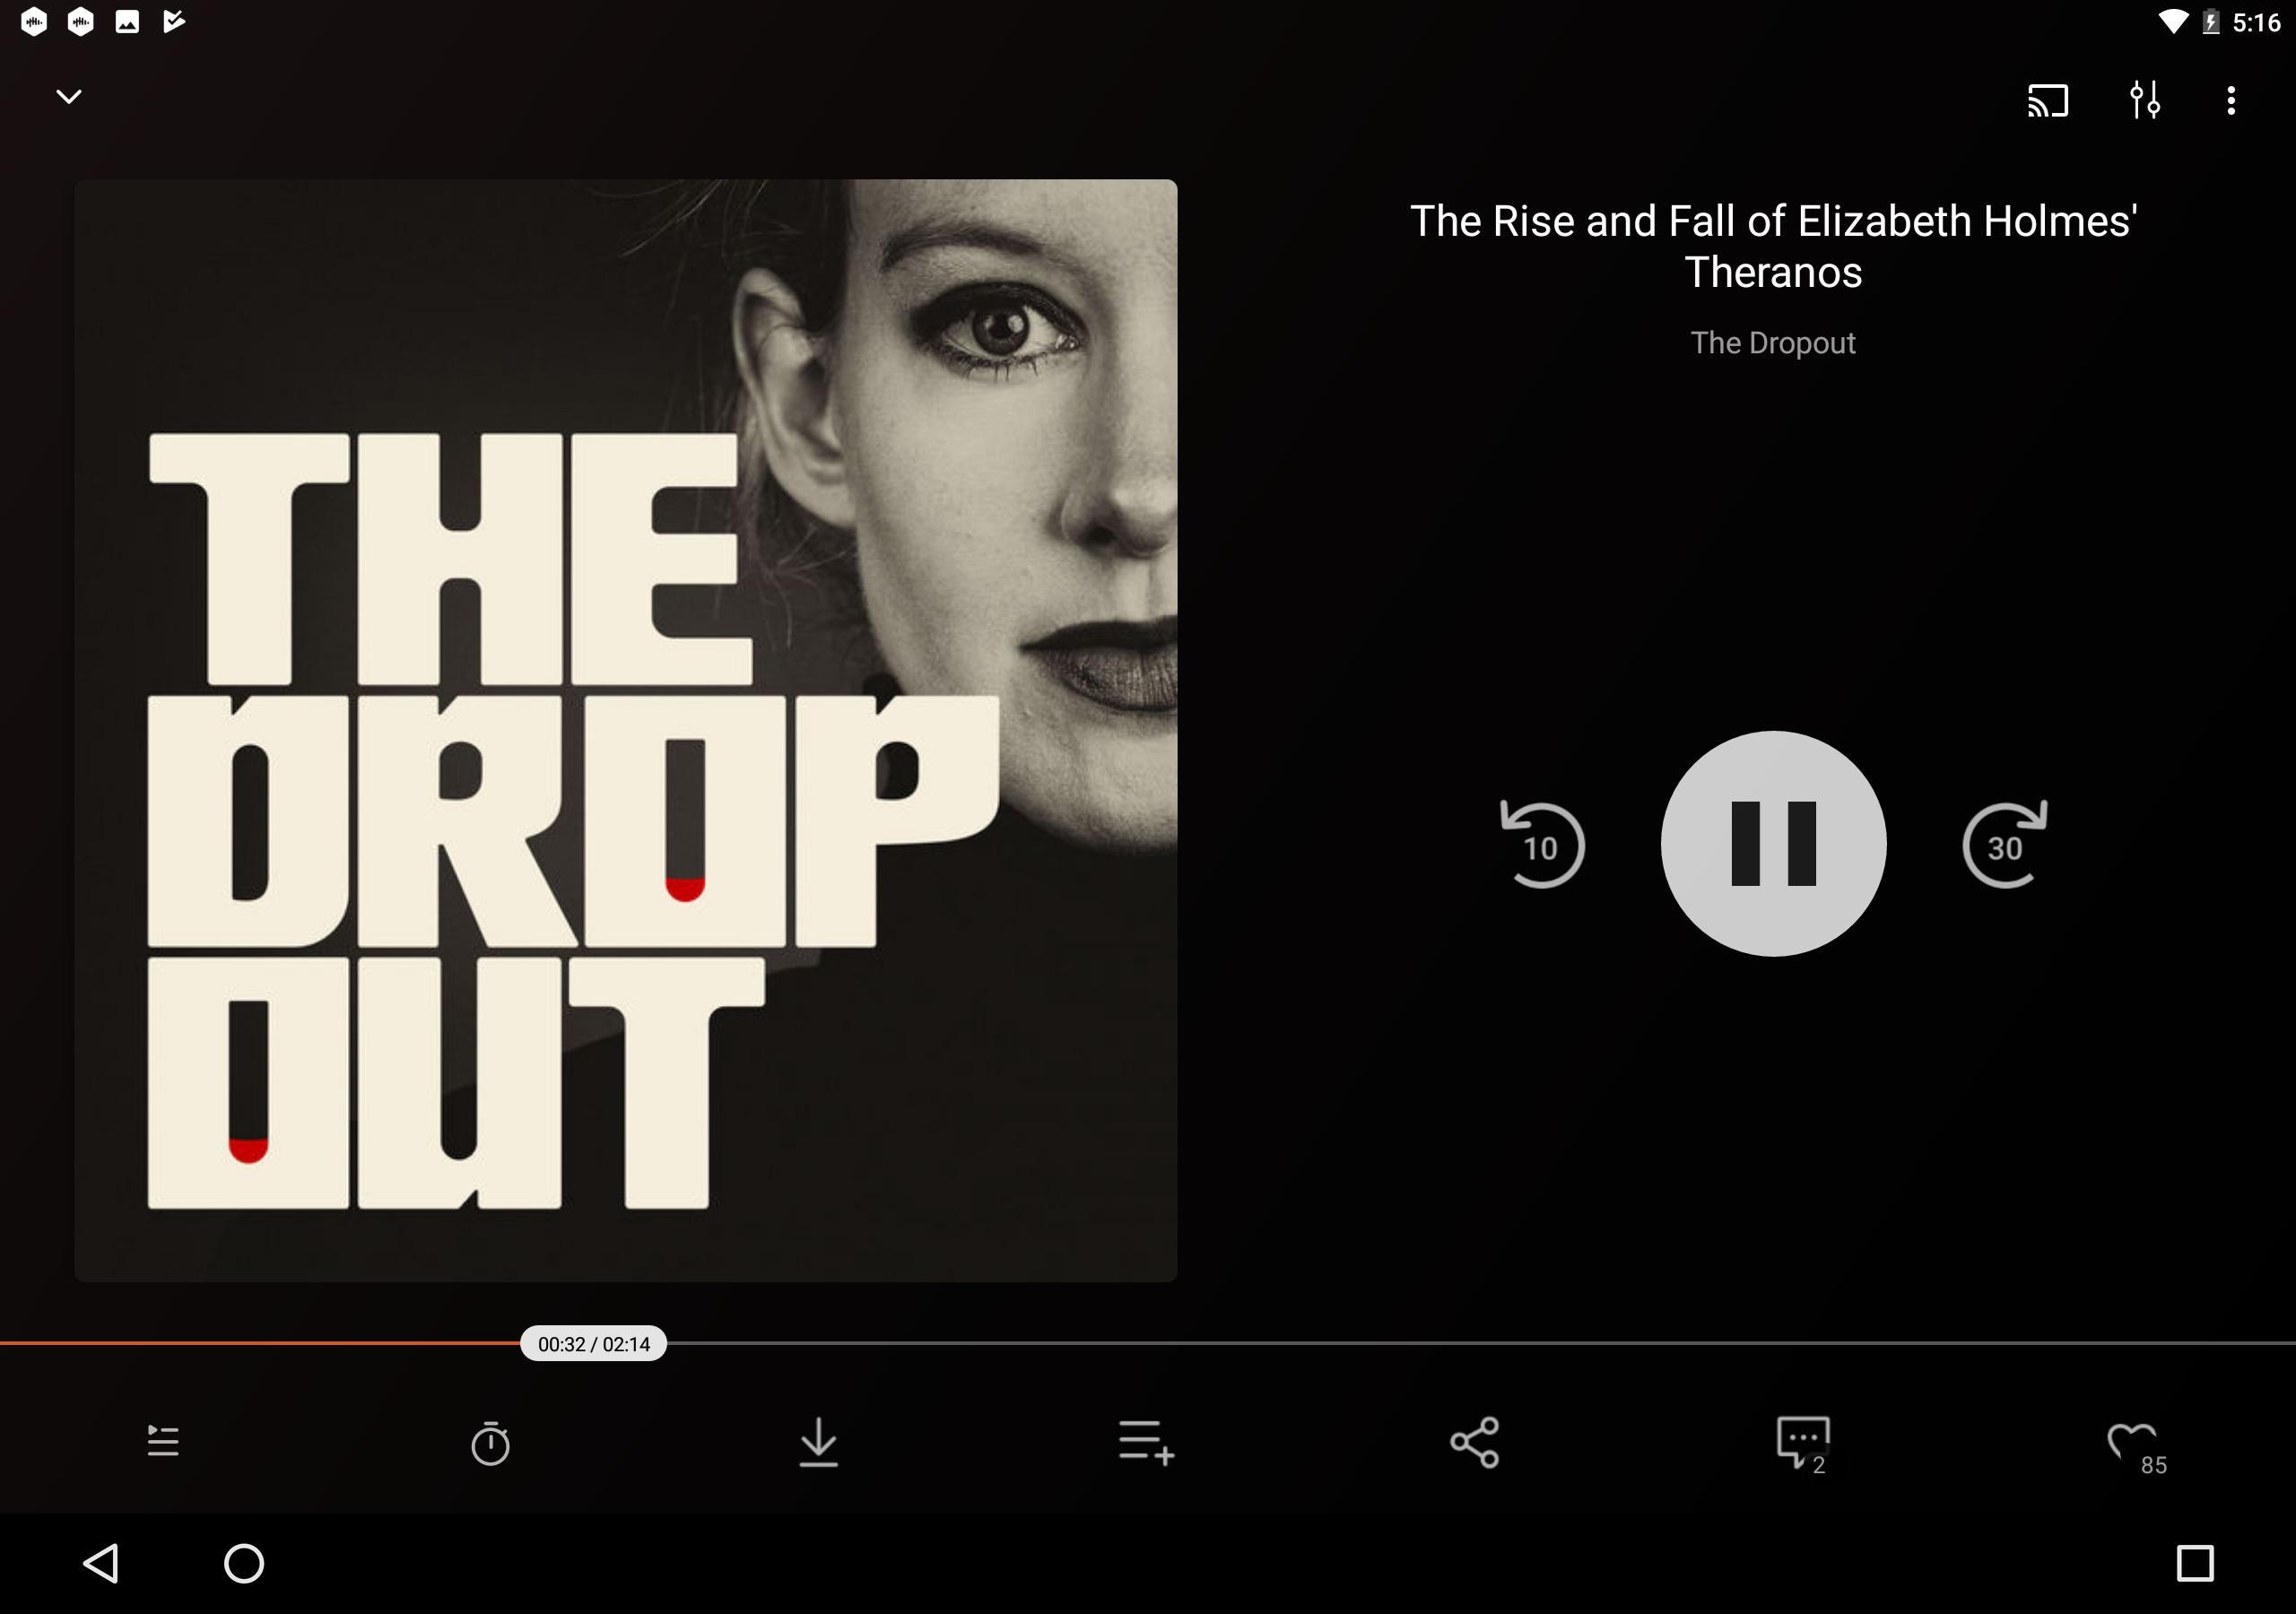 Podcast Player & Podcast App - Castbox 8.19.0-200927161 Screenshot 9